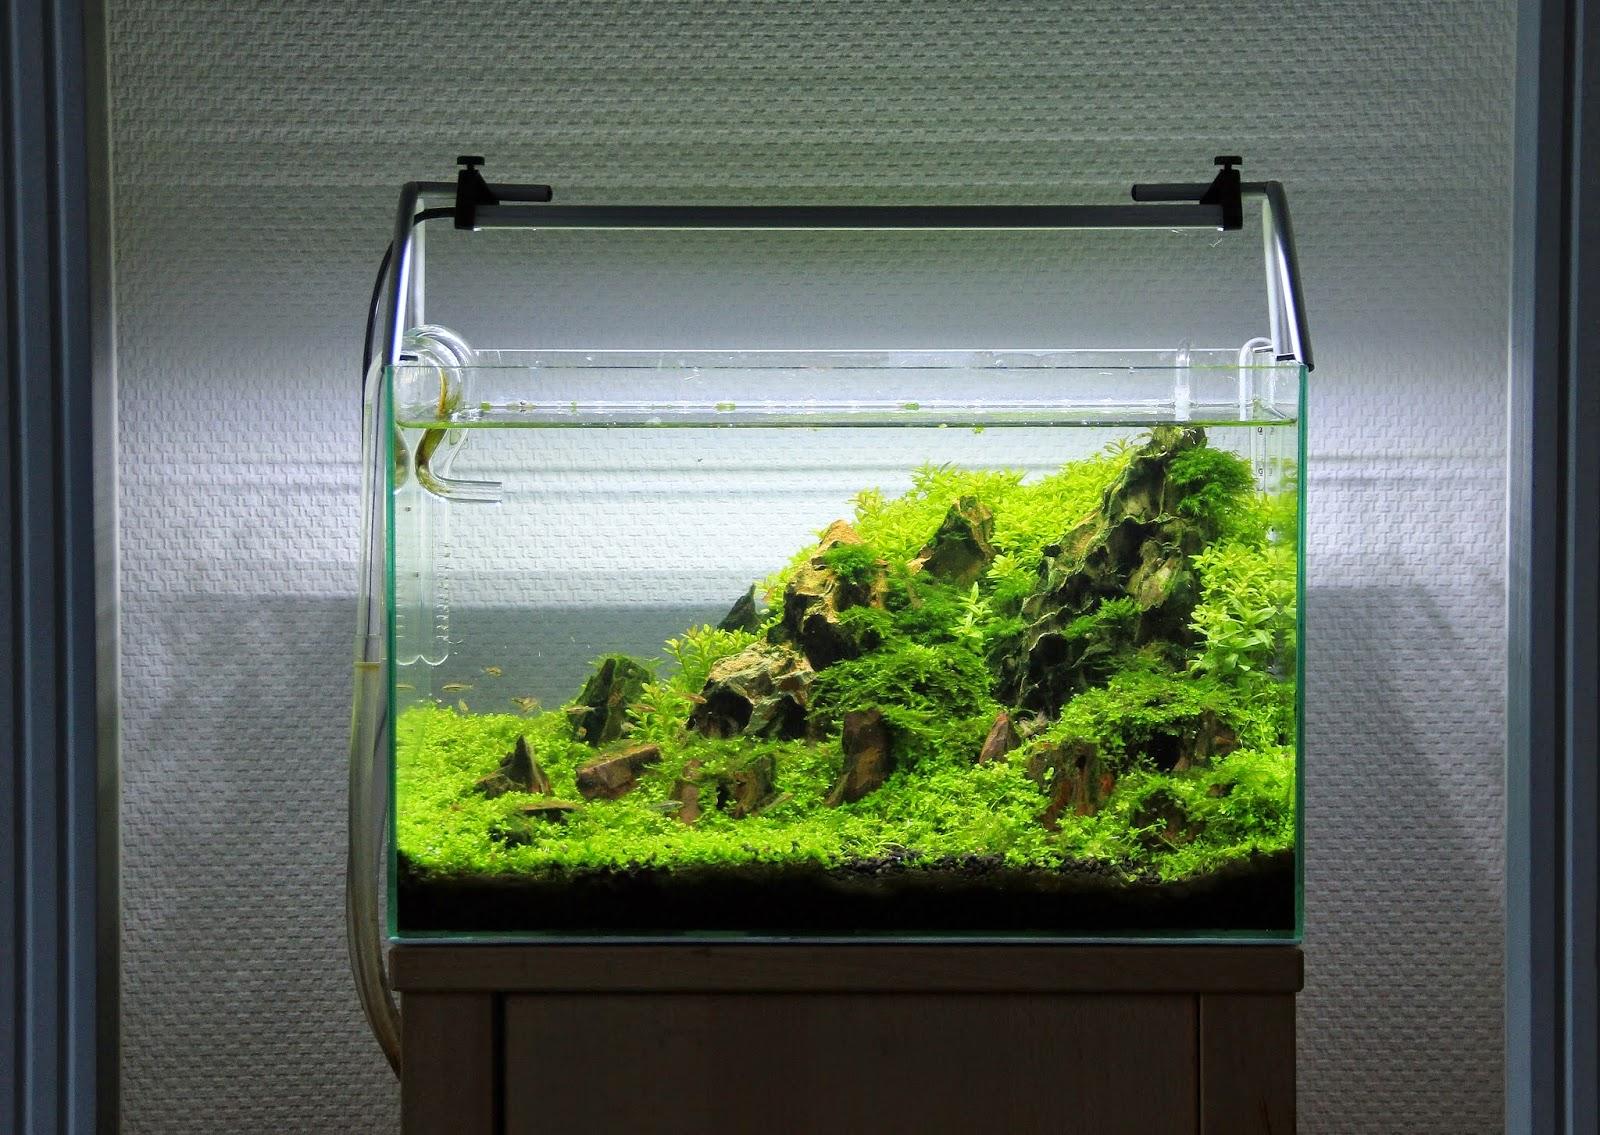 Aram Schneider Aqua Scaping  Update vom 40x25x25cm Nano Aquarium